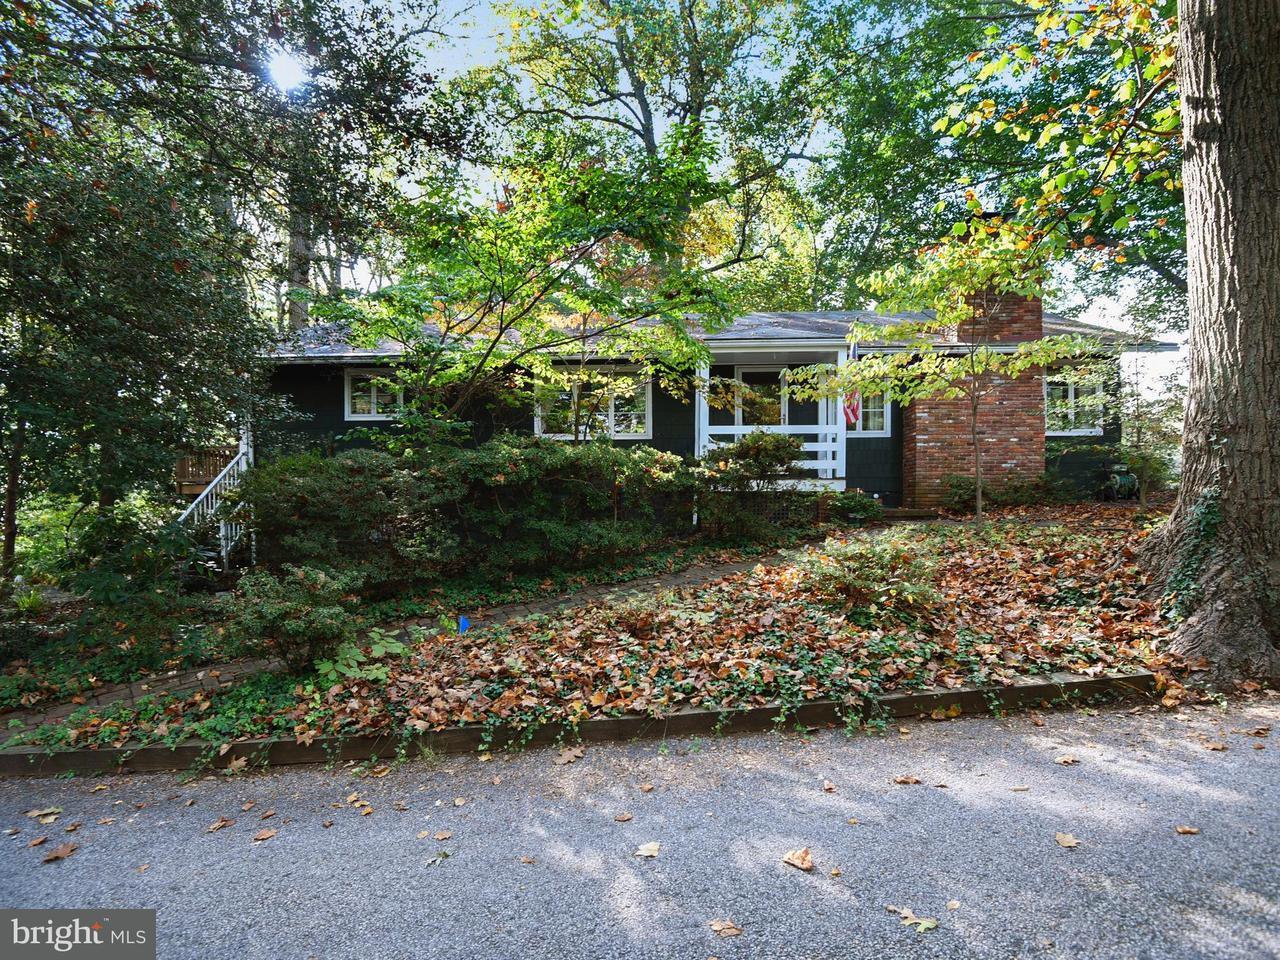 Μονοκατοικία για την Πώληση στο 640 Maid Marion Road 640 Maid Marion Road Sherwood Forest, Μεριλαντ 21405 Ηνωμενεσ Πολιτειεσ